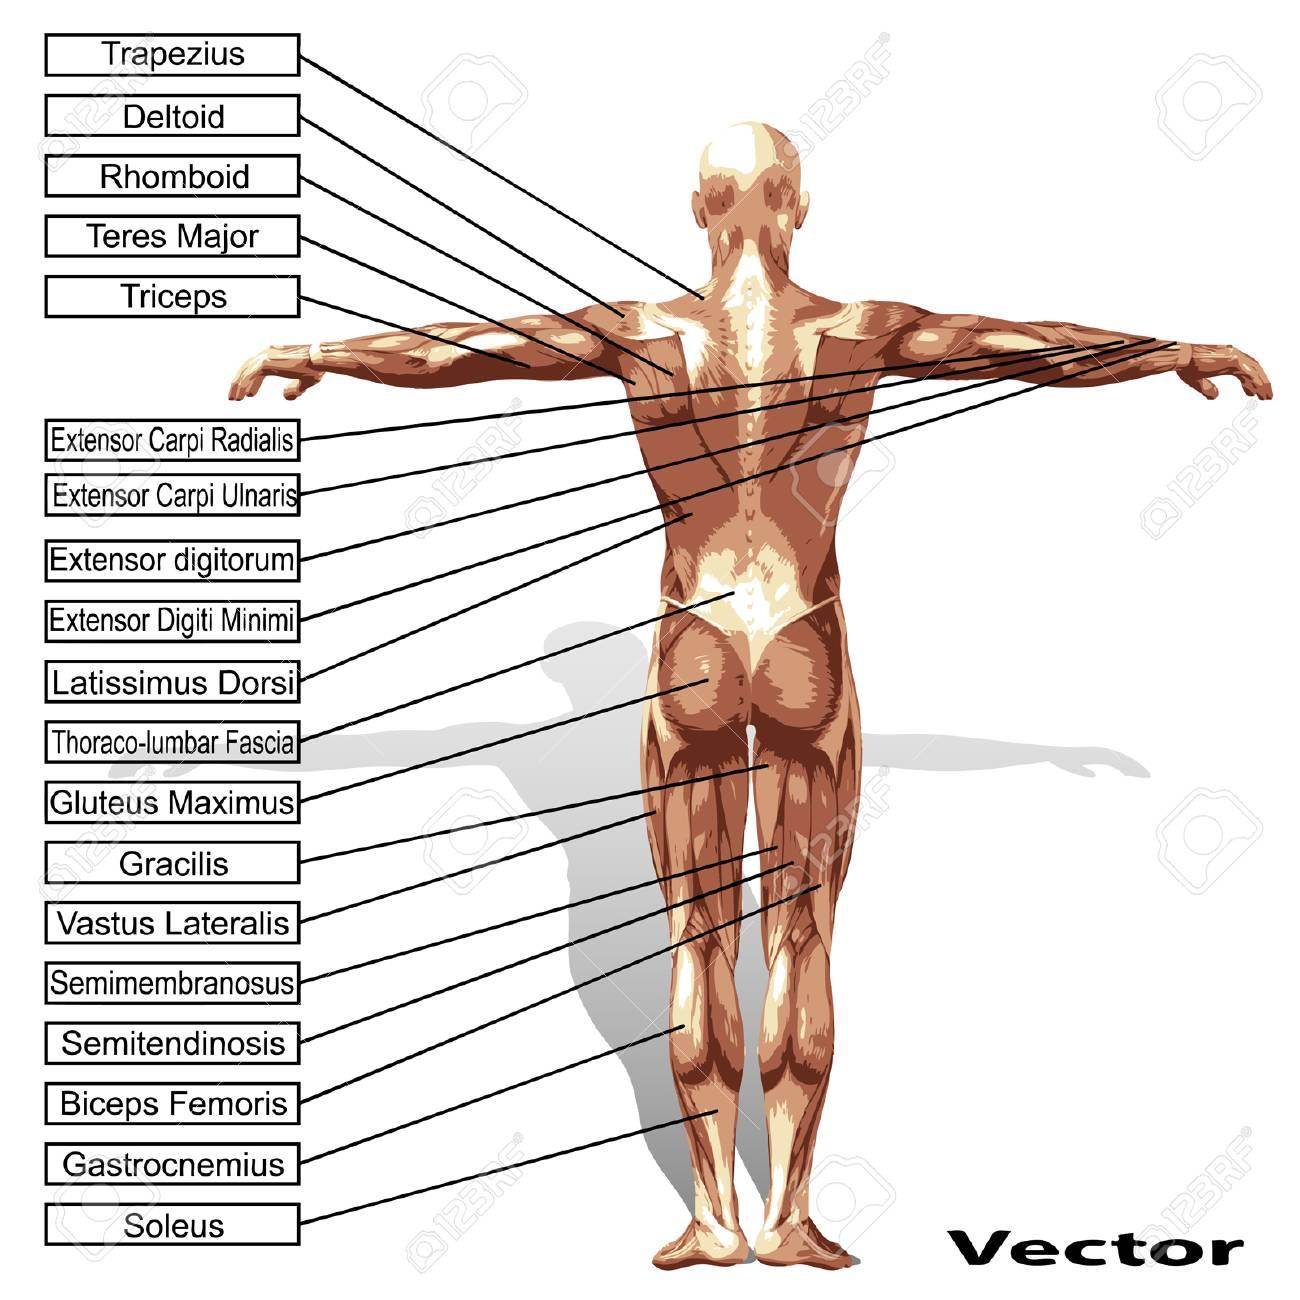 Vector De Alta Resolución Concepto O Conceptual 3D Anatomía Humana Y ...